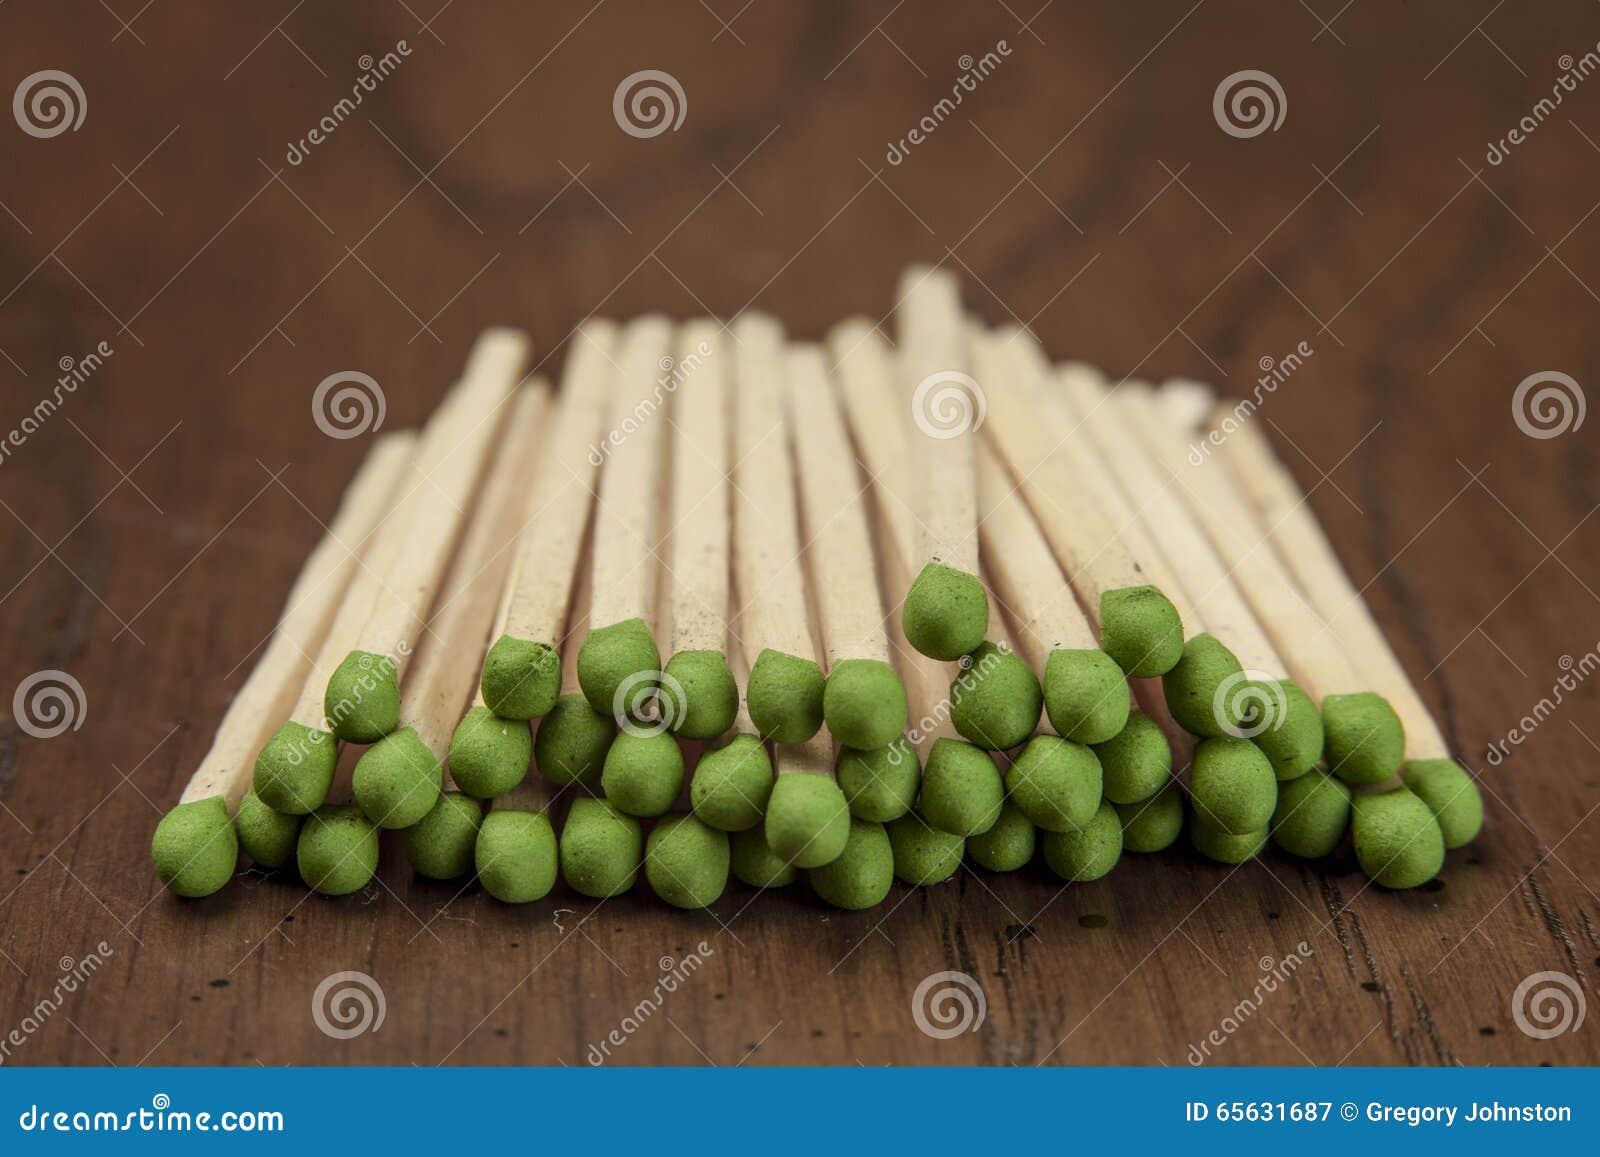 Matchs inclinés par vert empilés